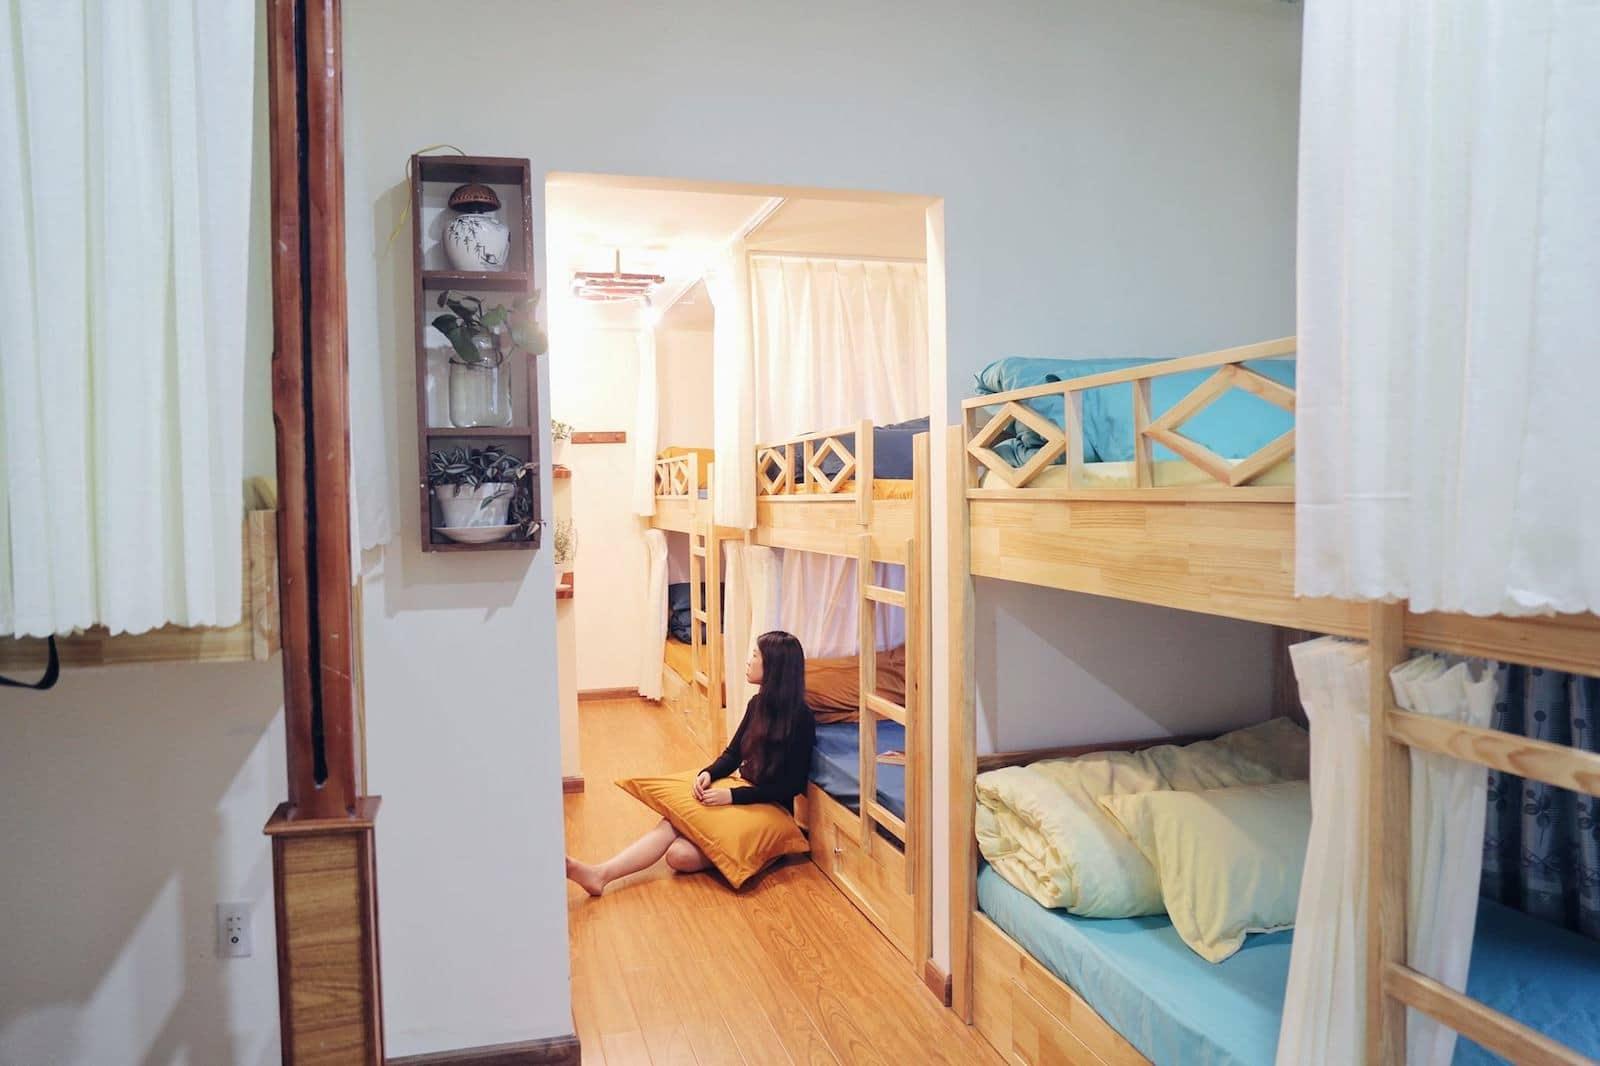 Image of a dorm room at Nhà của Người và Ta homestay in Dalat, Vietnam